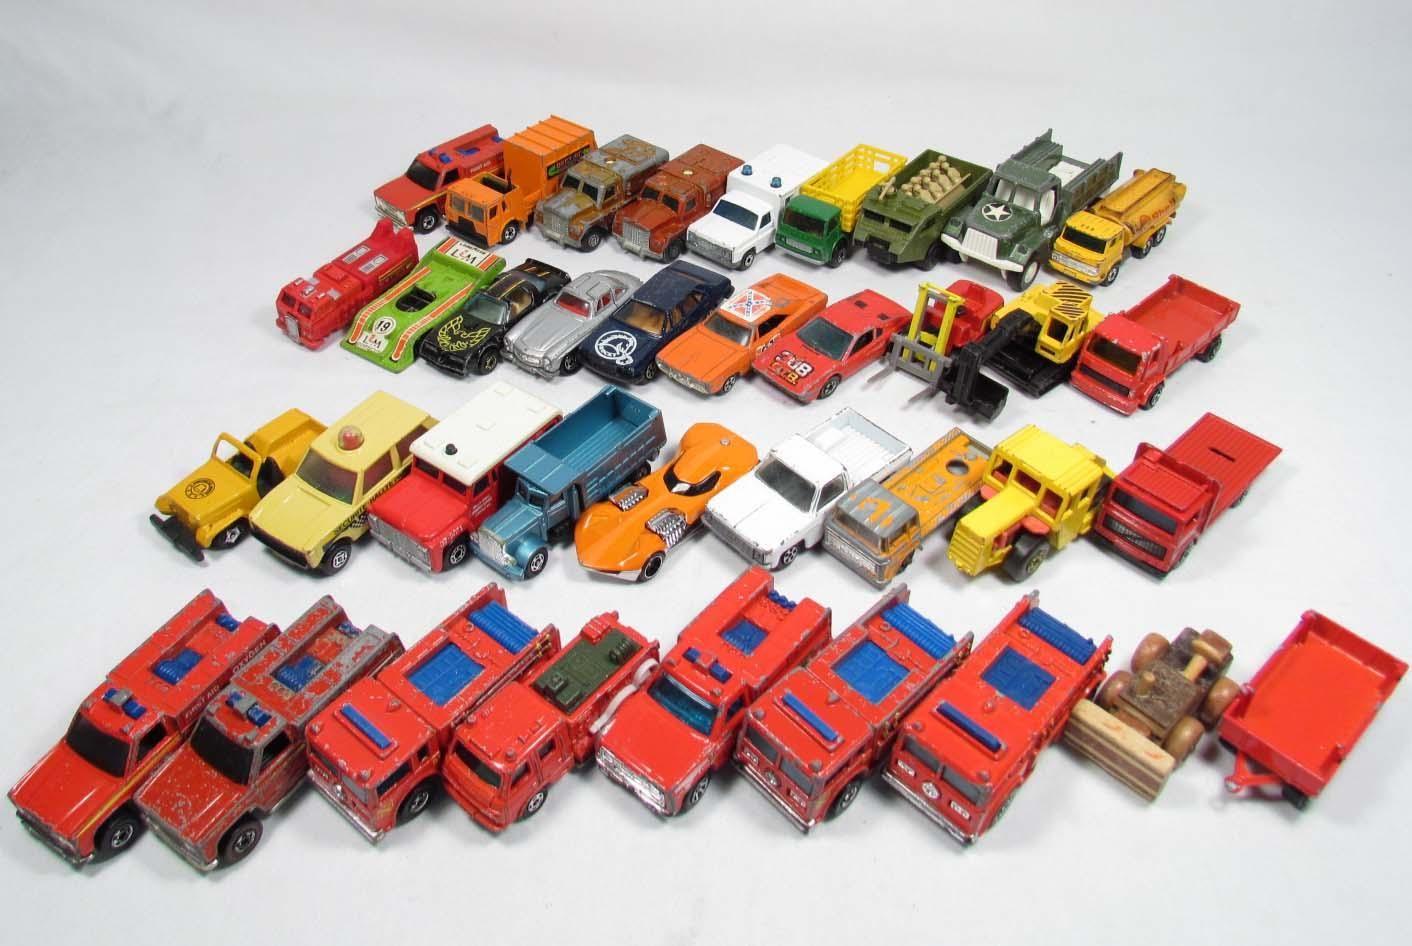 vintage toys Vintage Matchbox Cars Large lot of vintage